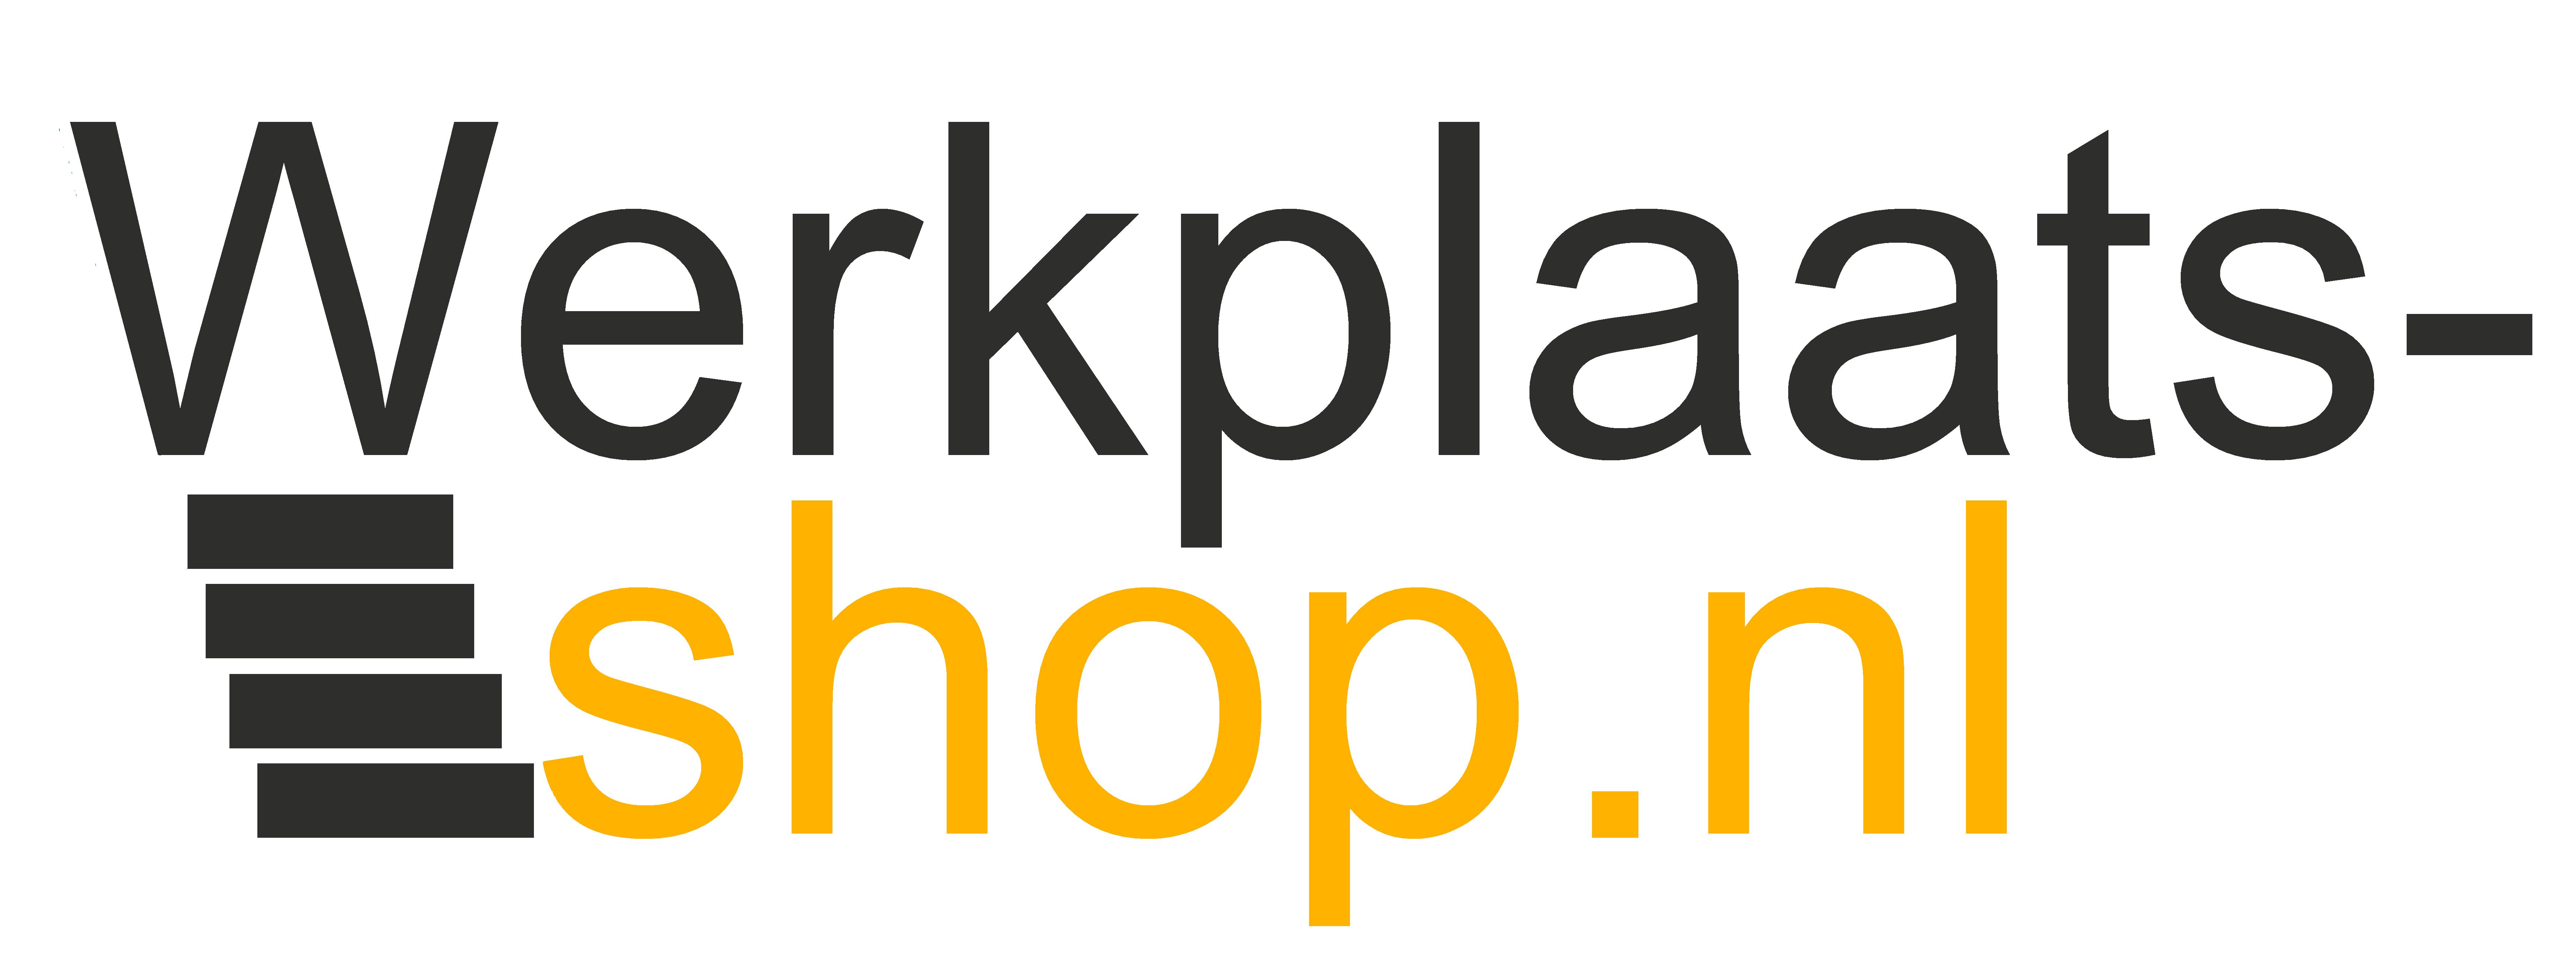 Werkplaats-shop.nl